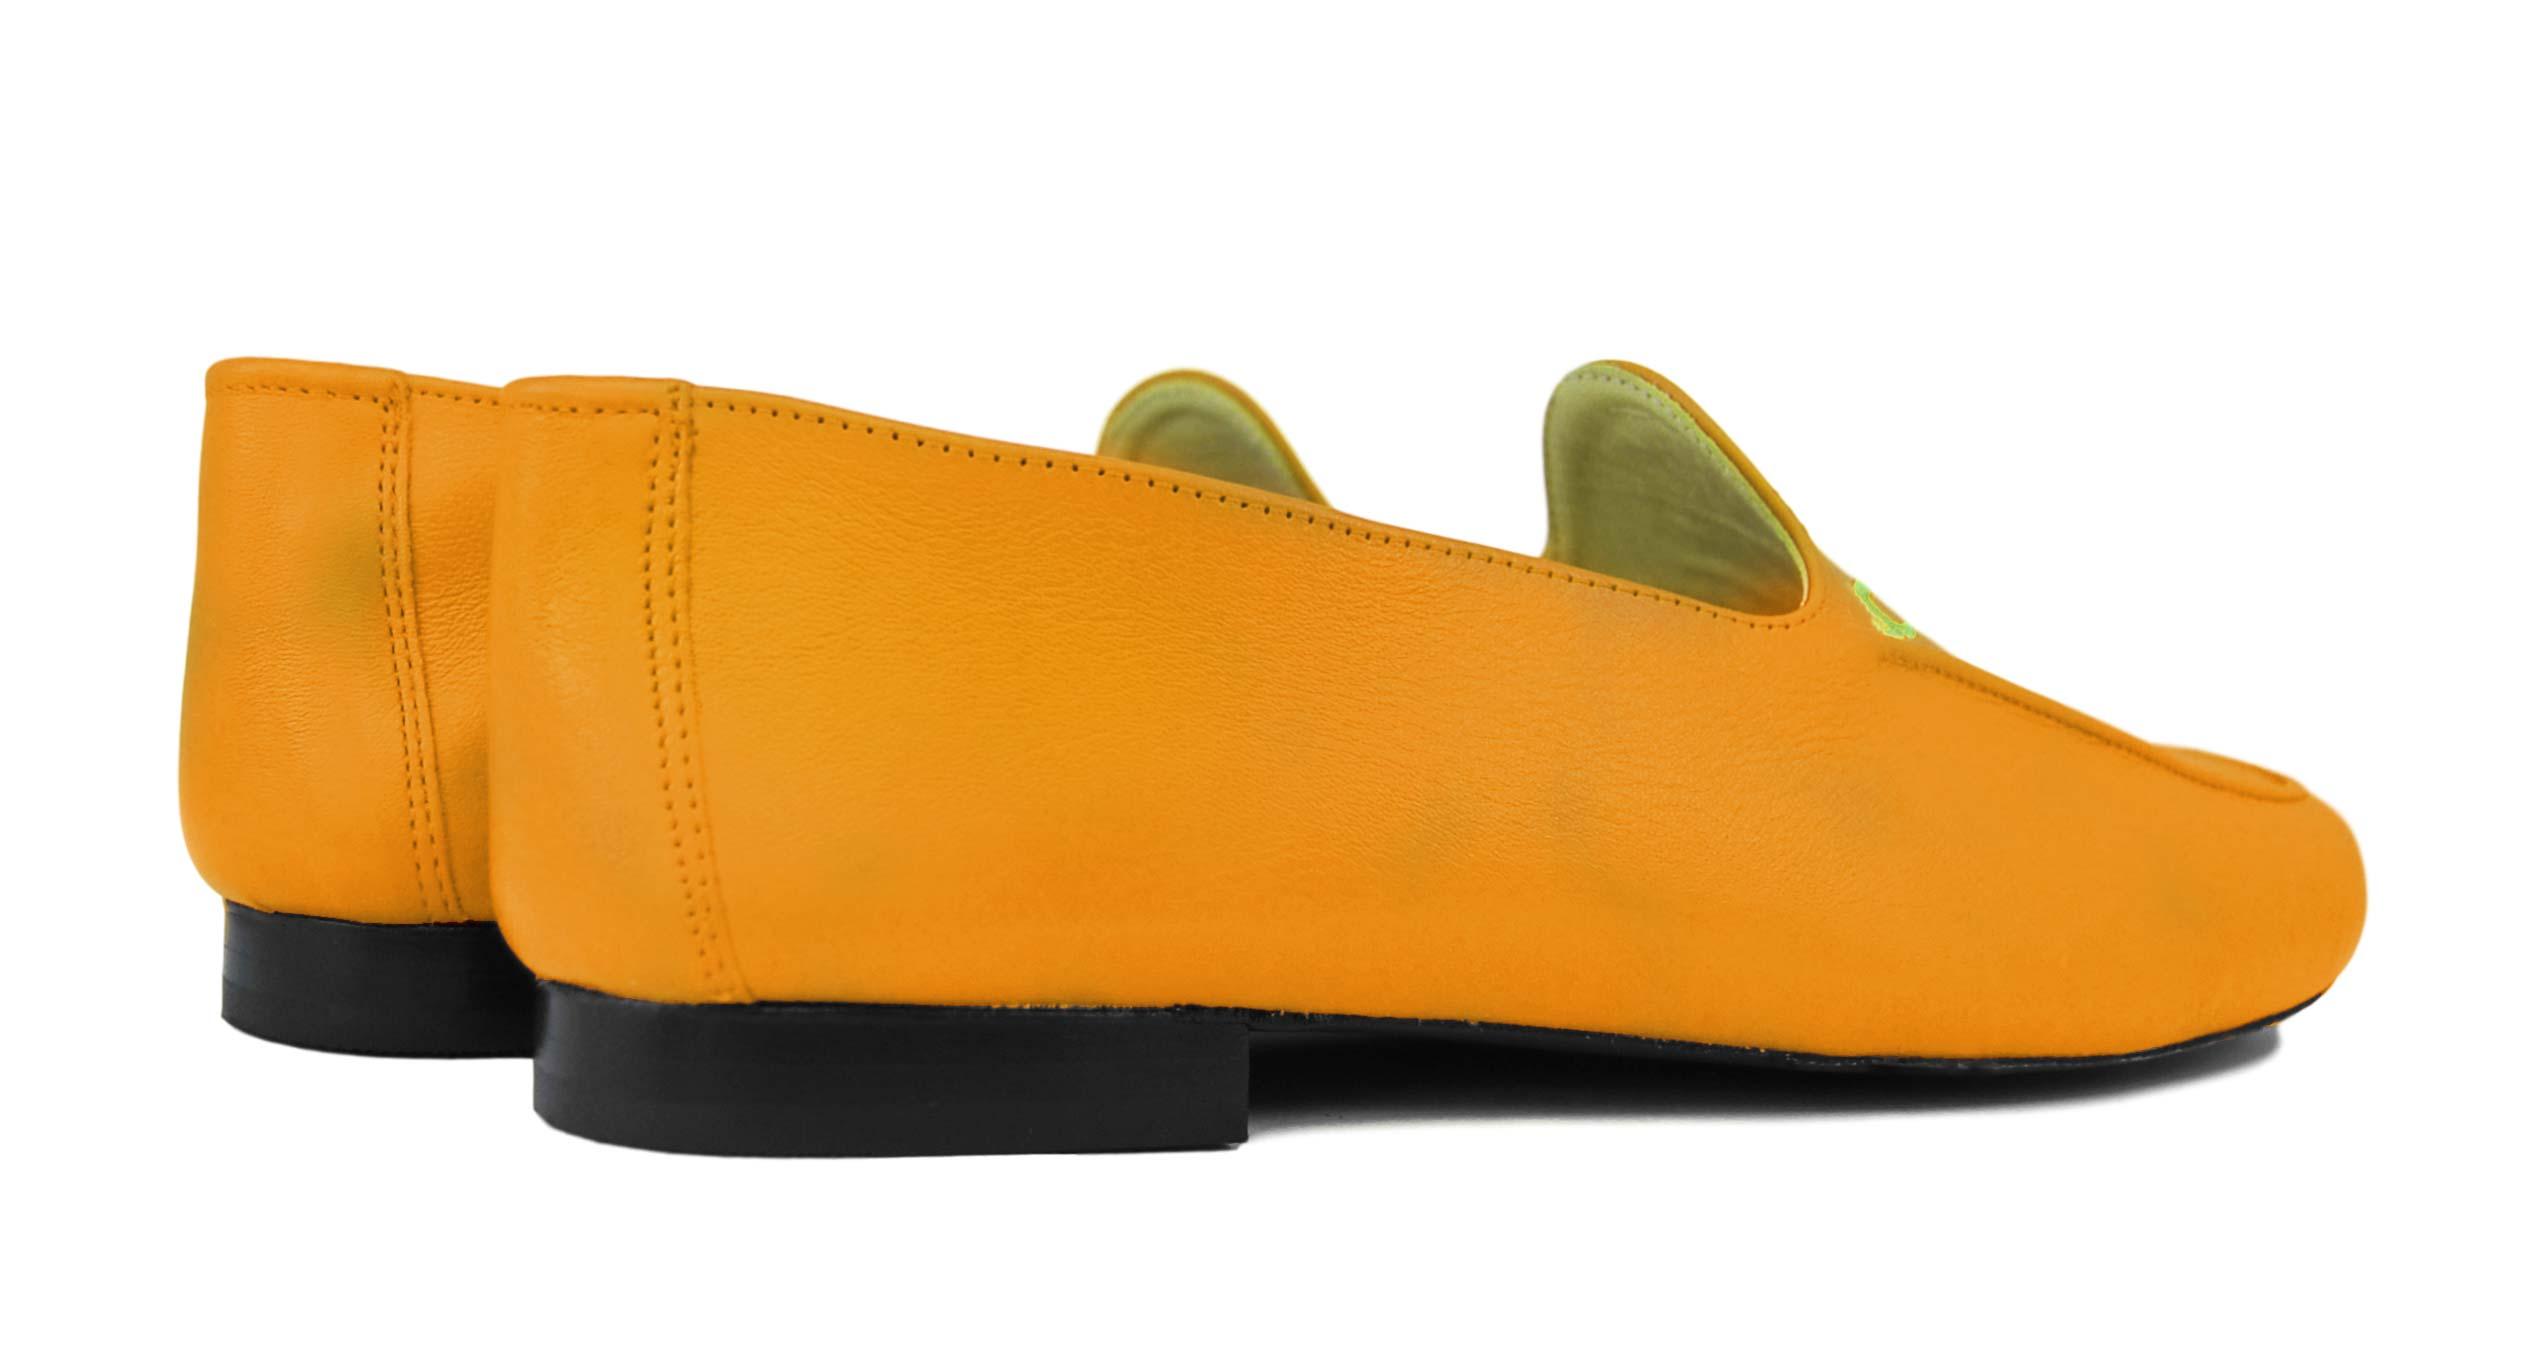 Foto 4 de Zapatos Julio Iglesias 528 JC Golden Napa Piel Original